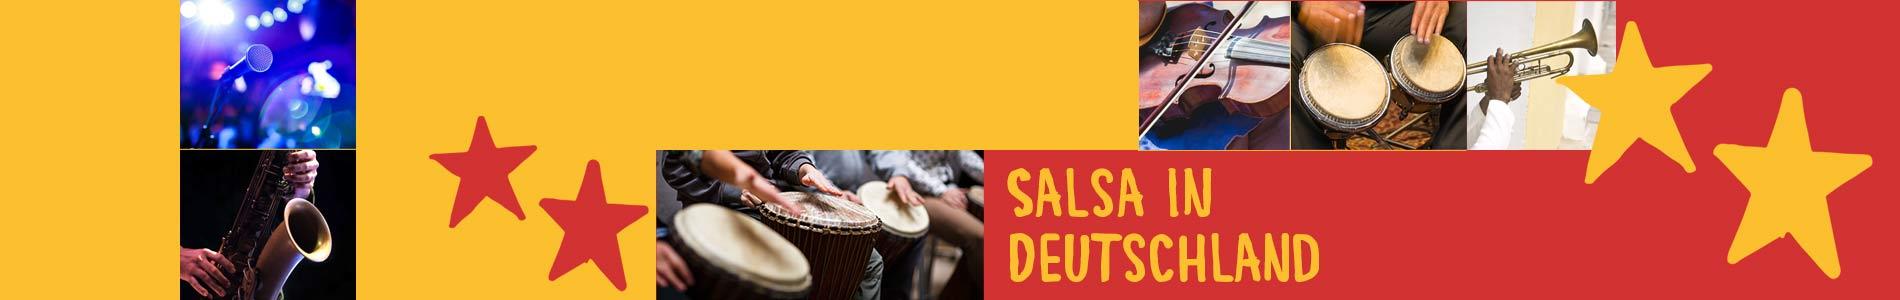 Salsa in Dänischenhagen – Salsa lernen und tanzen, Tanzkurse, Partys, Veranstaltungen